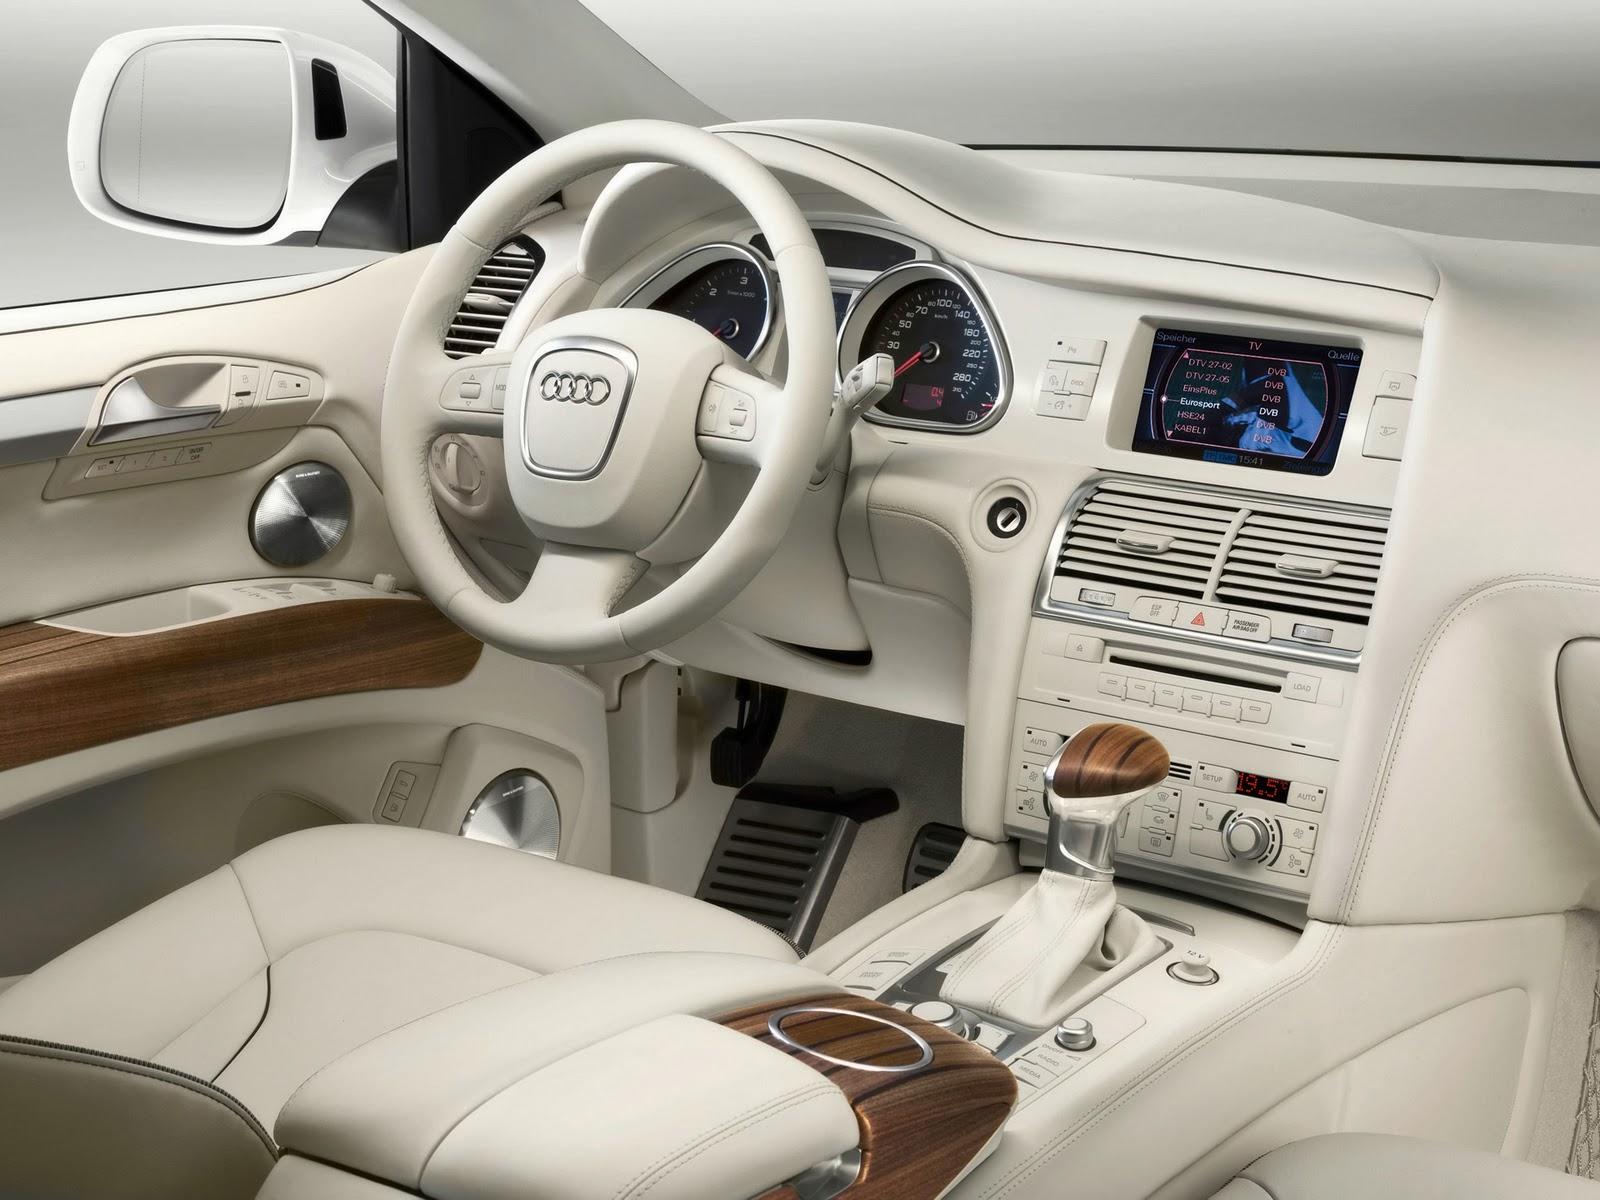 http://4.bp.blogspot.com/_sRGU_JXOz6E/TSnIOL1JlrI/AAAAAAAABIk/SYs5WRJ3NIw/s1600/2008-Audi-Q7-V12-TDI-Coastline-Concept-Dashboard.jpg